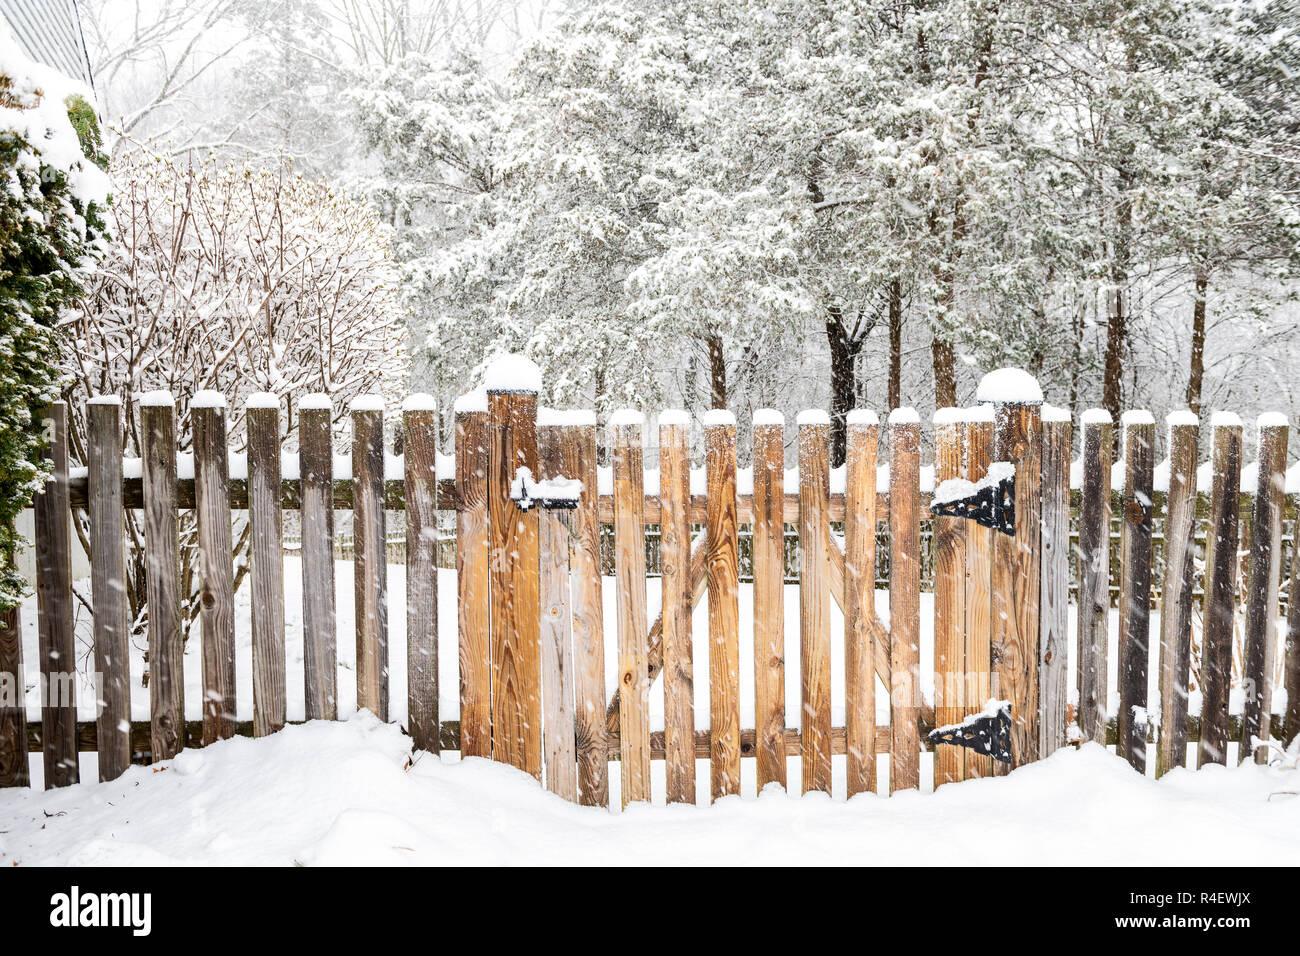 Staccionata Bianca In Legno staccionata in legno porta con serratura, latch bloccato